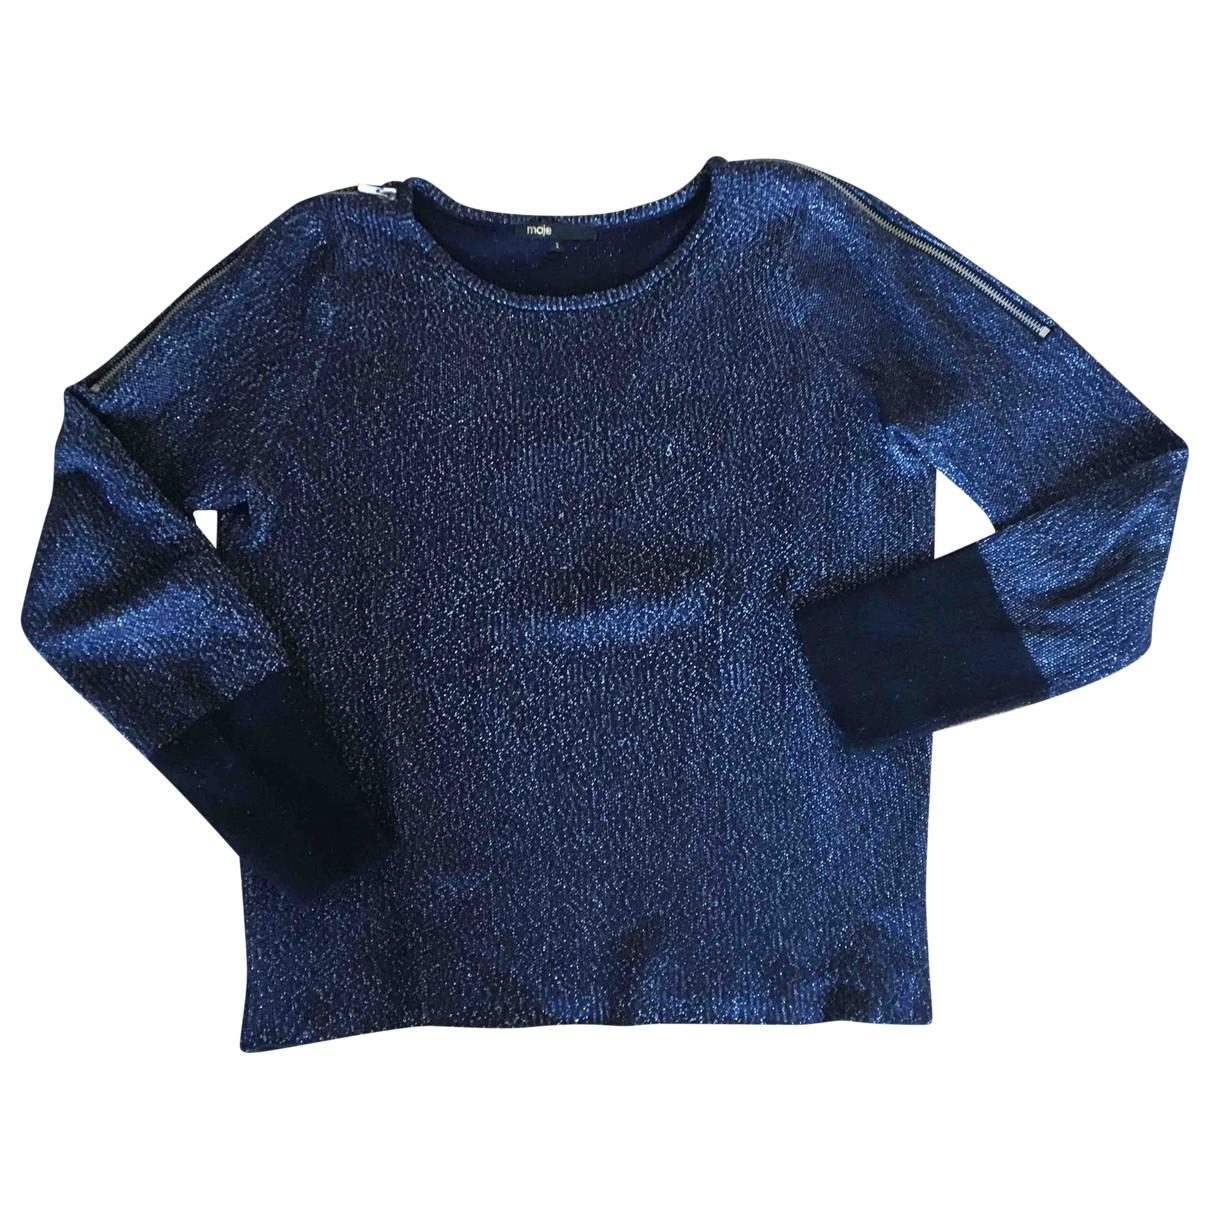 Maje N Blue Cotton Knitwear for Women 38 FR